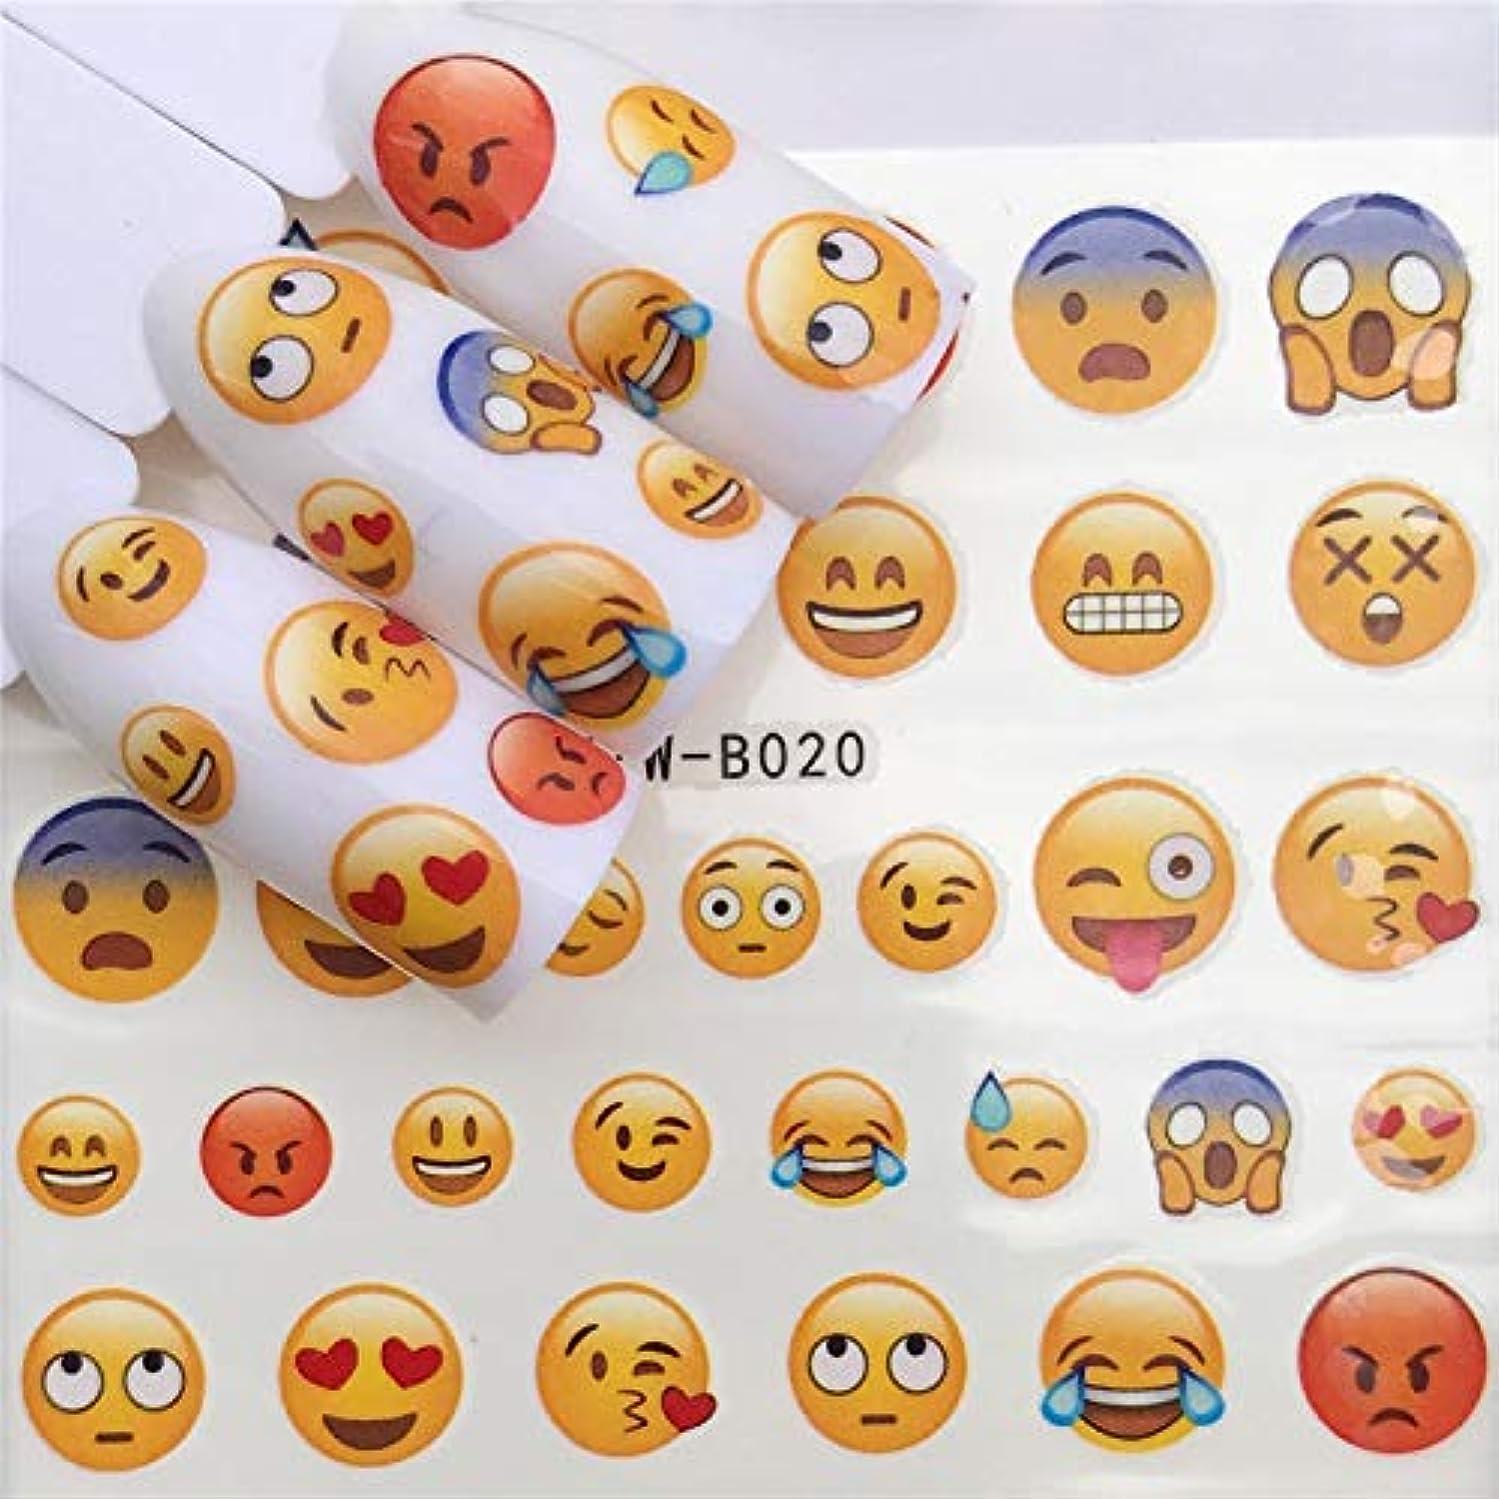 排他的修羅場マニアックYan 3ピースネイルステッカーセットデカール水転写スライダーネイルアートデコレーション、色:YZWB020